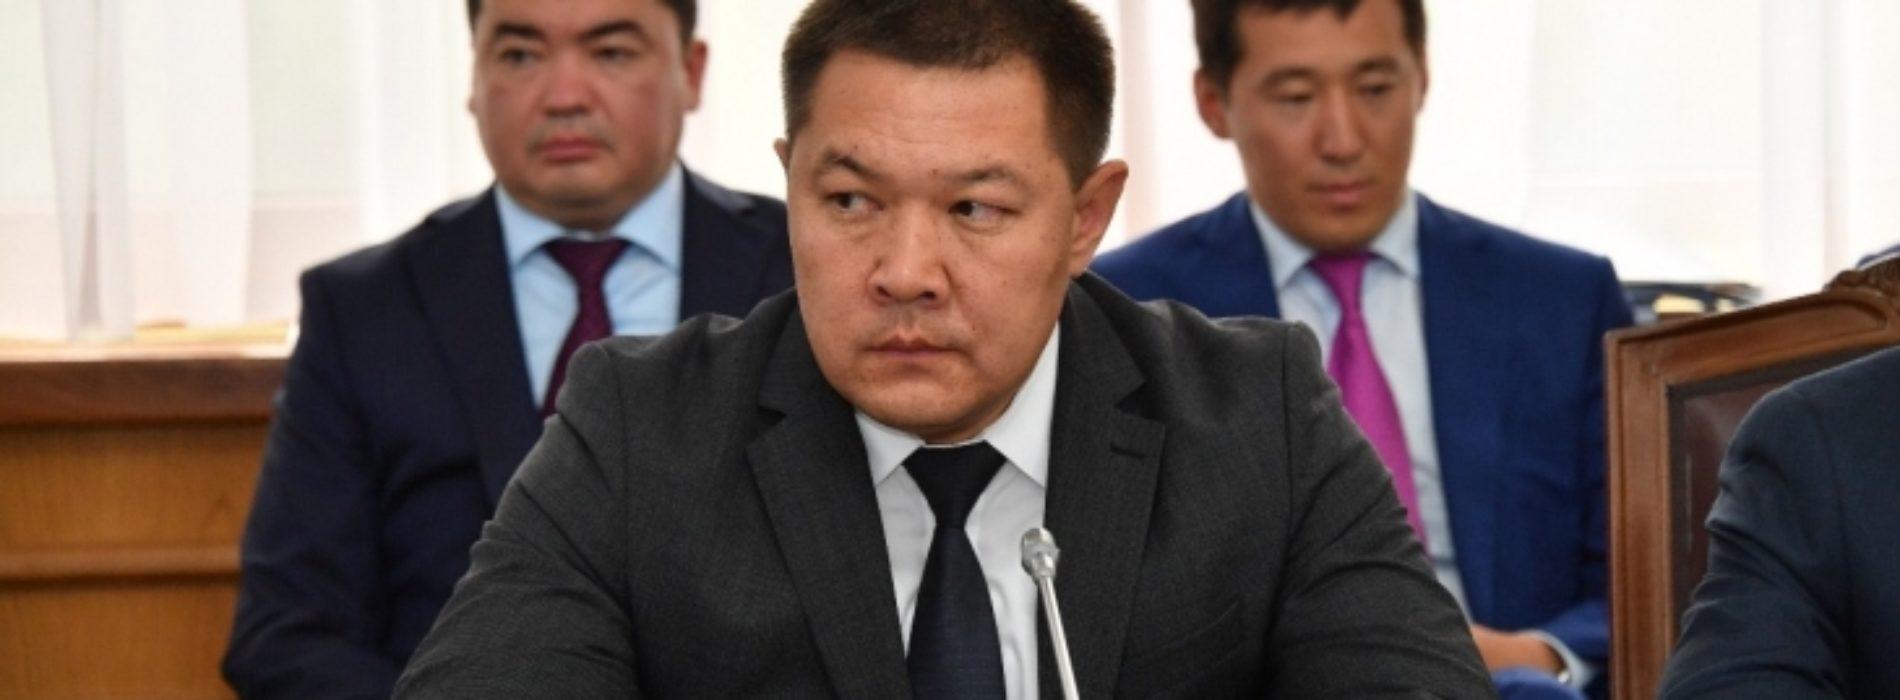 Арестован на два месяца экс-аким Алатауского района Алматы